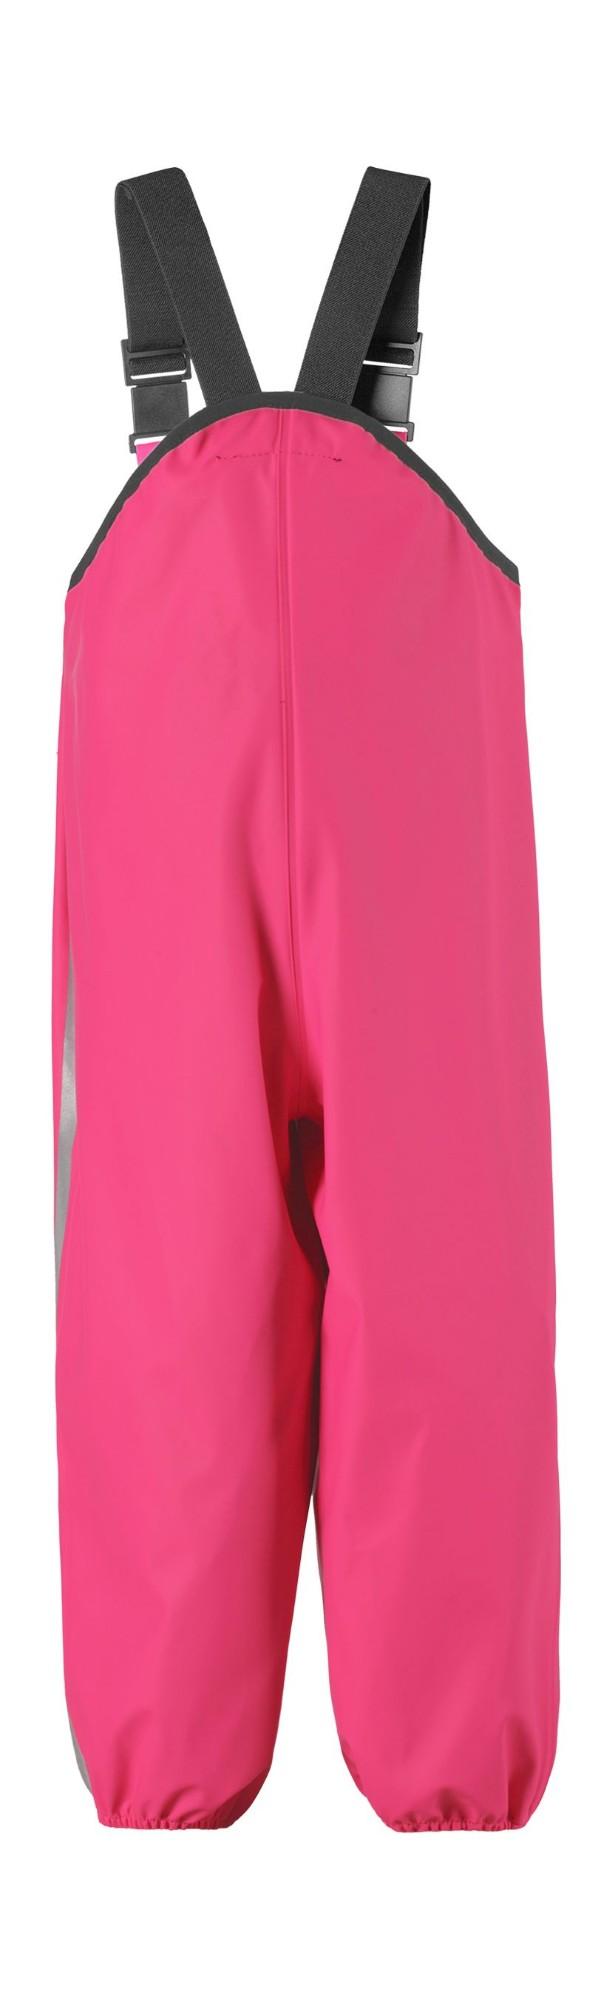 REIMA Lammikko Candy Pink 128